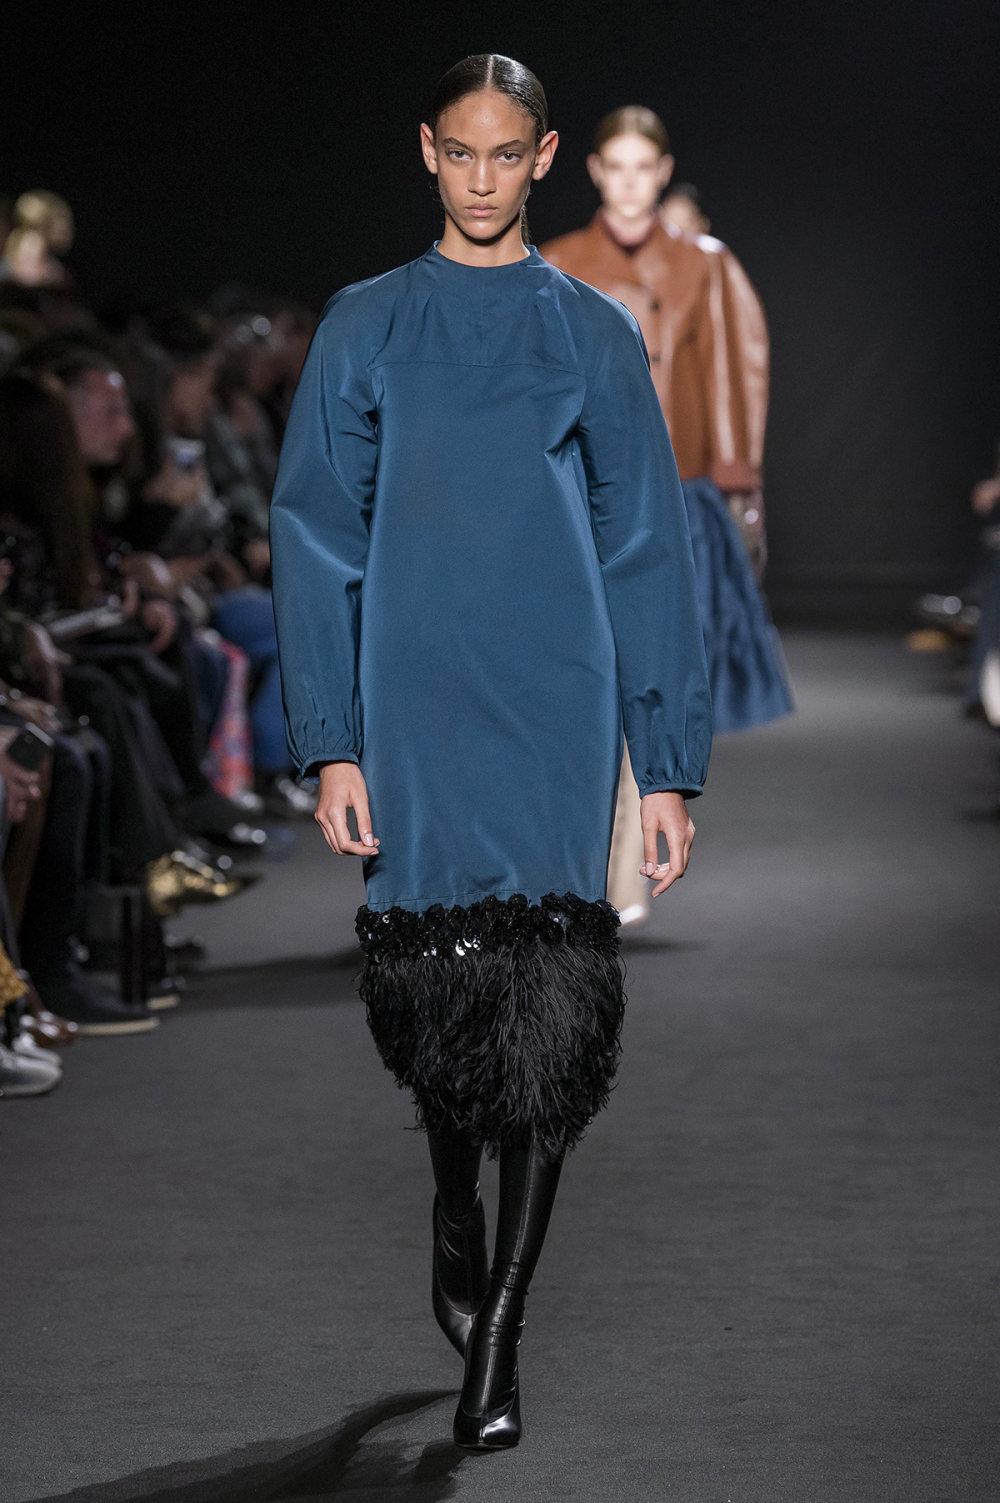 Rochas时装系列黑色无领斜纹软呢褶皱的黑色裙身饰有超细短袖衬衫-24.jpg